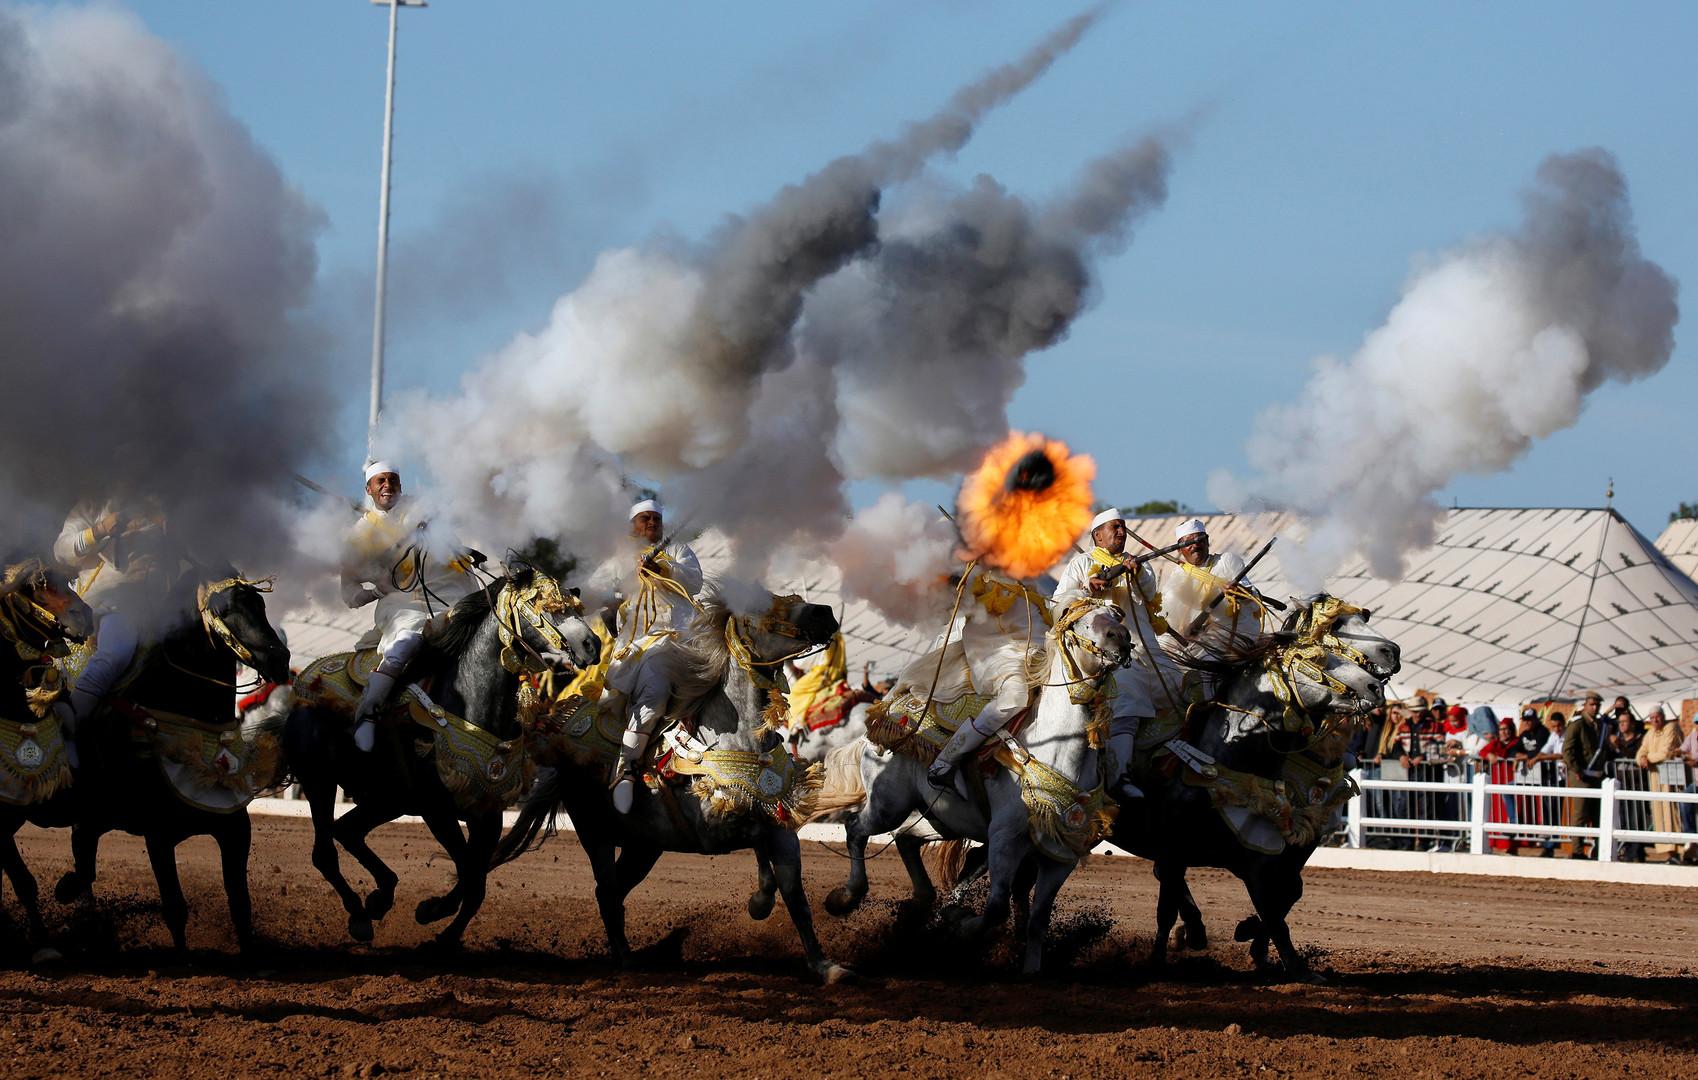 Наездники с оружием во время международного конноспортивного праздника на юге Касабланки в Марокко.